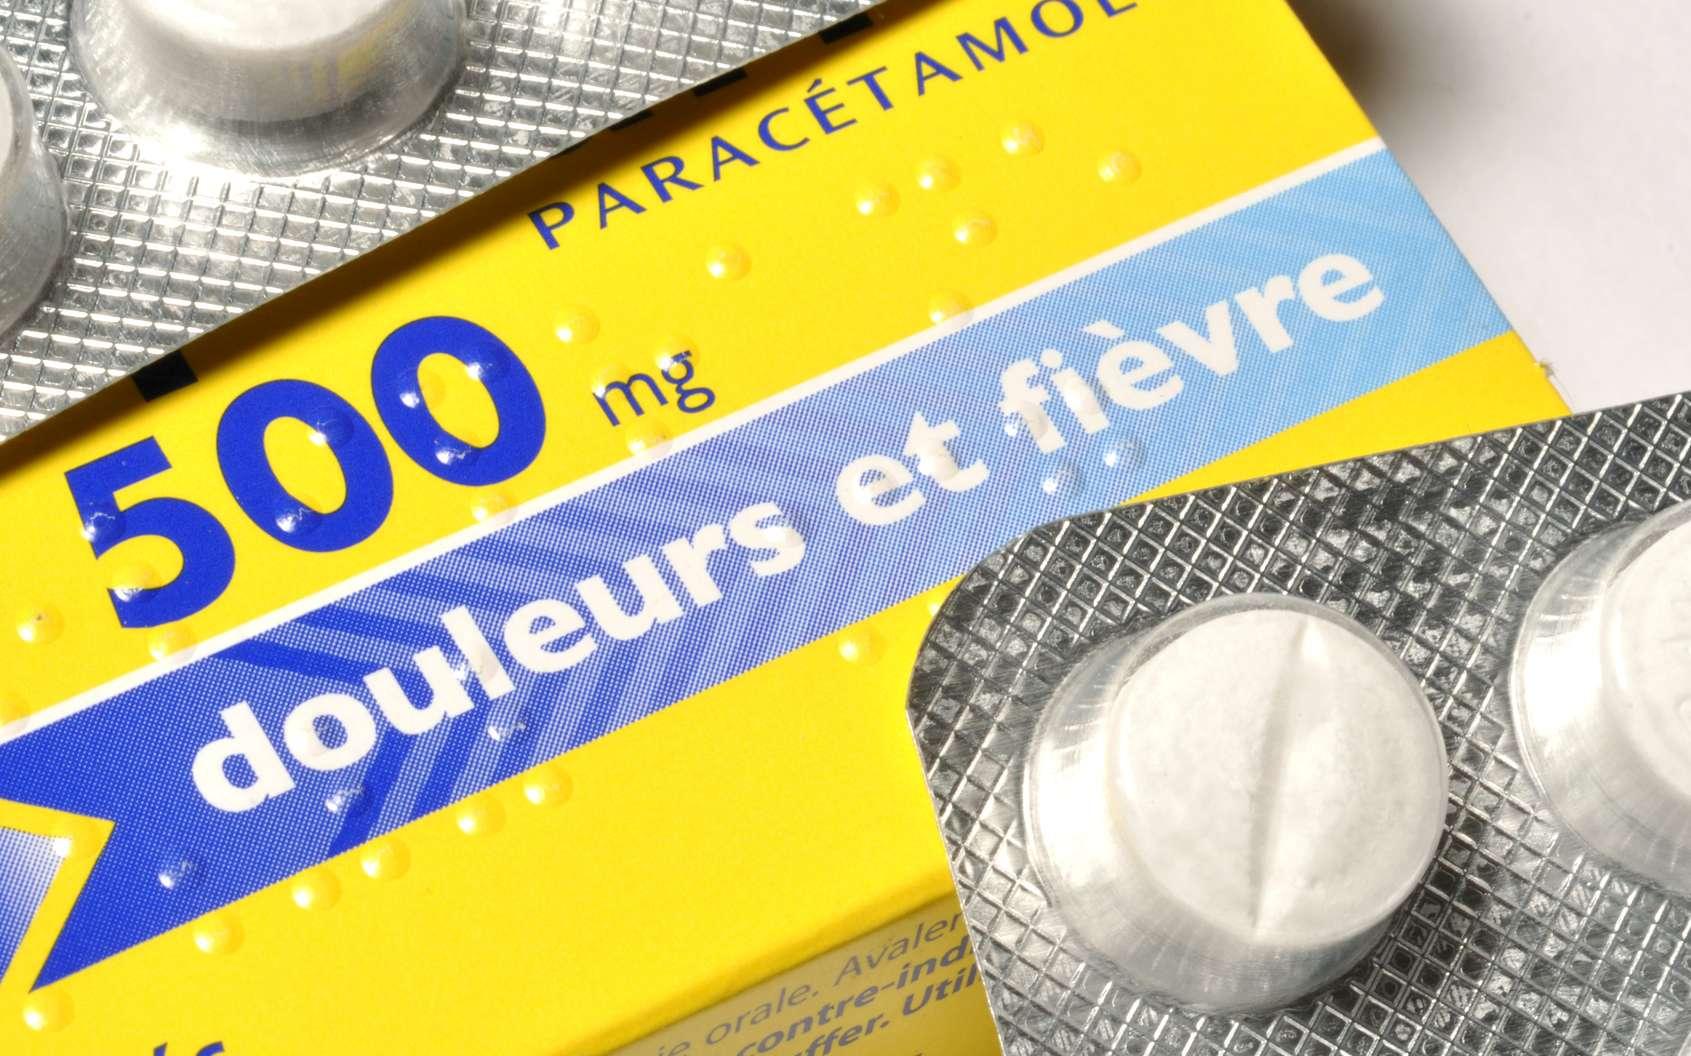 Même à dose modérée, le paracétamol peut s'avérer toxique. © Olivier Dirson, Fotolia